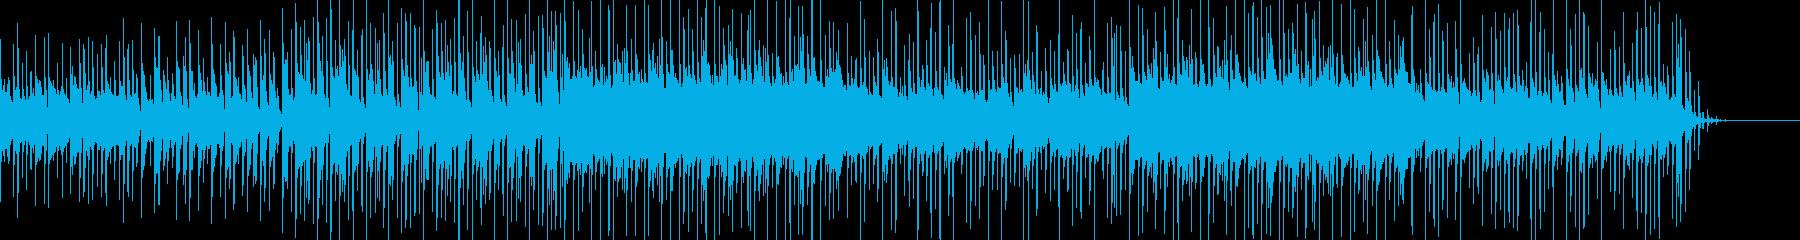 ピコピコ音がかわいいポップスBGMの再生済みの波形